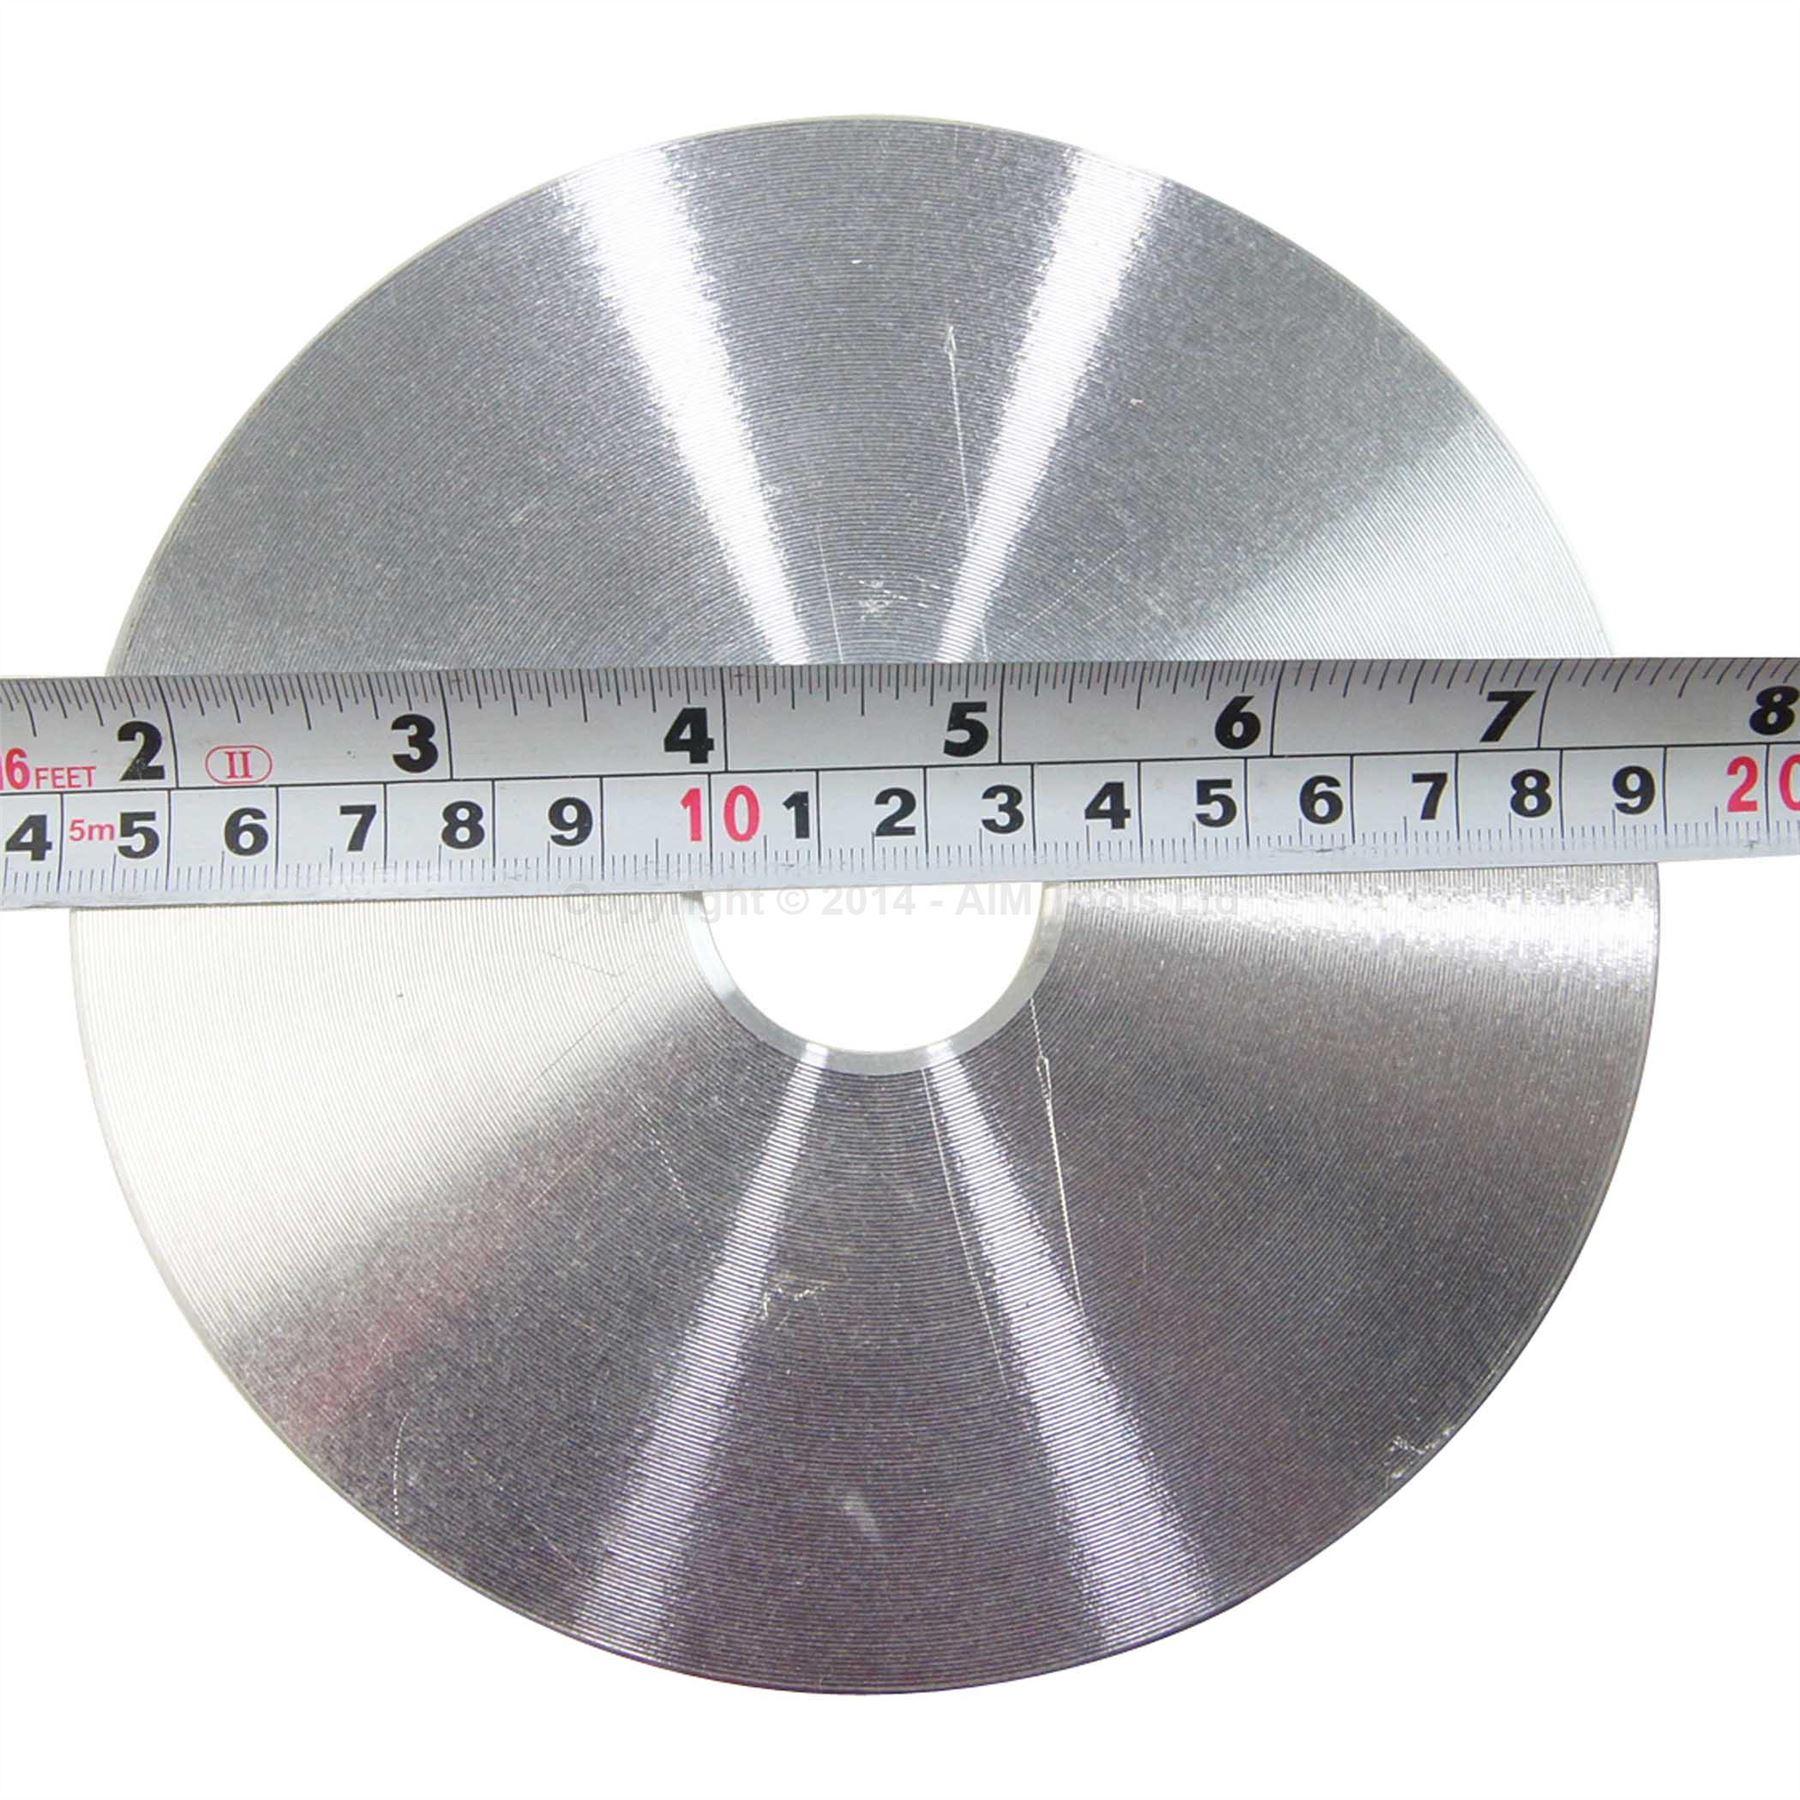 144215 90 Gegrees Diamantschleifer Becher Scheibe Kliinge Grit 180 Größen 80 bis